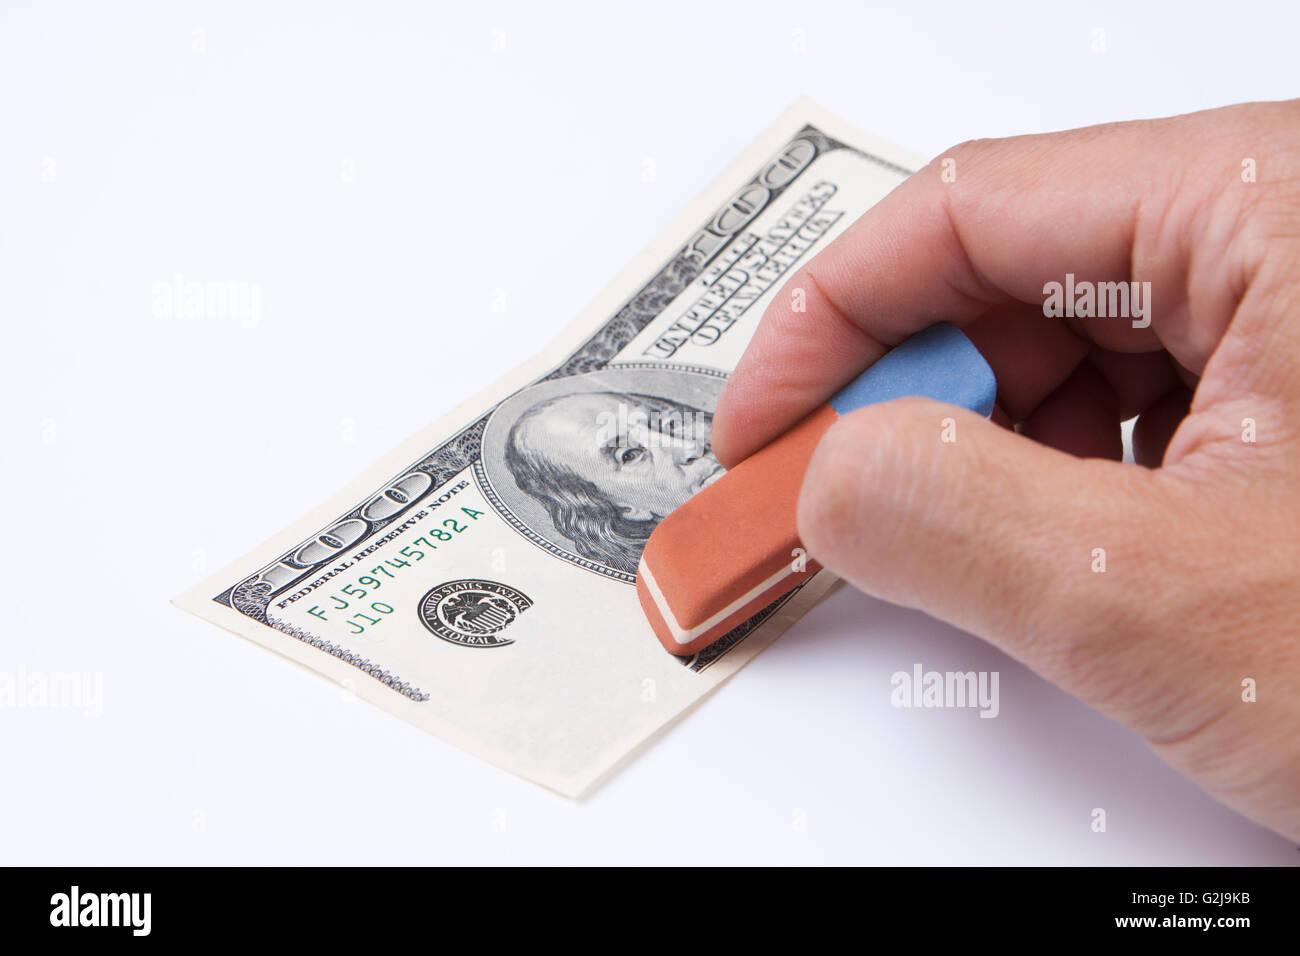 Red Eraser Stockfotos & Red Eraser Bilder - Alamy